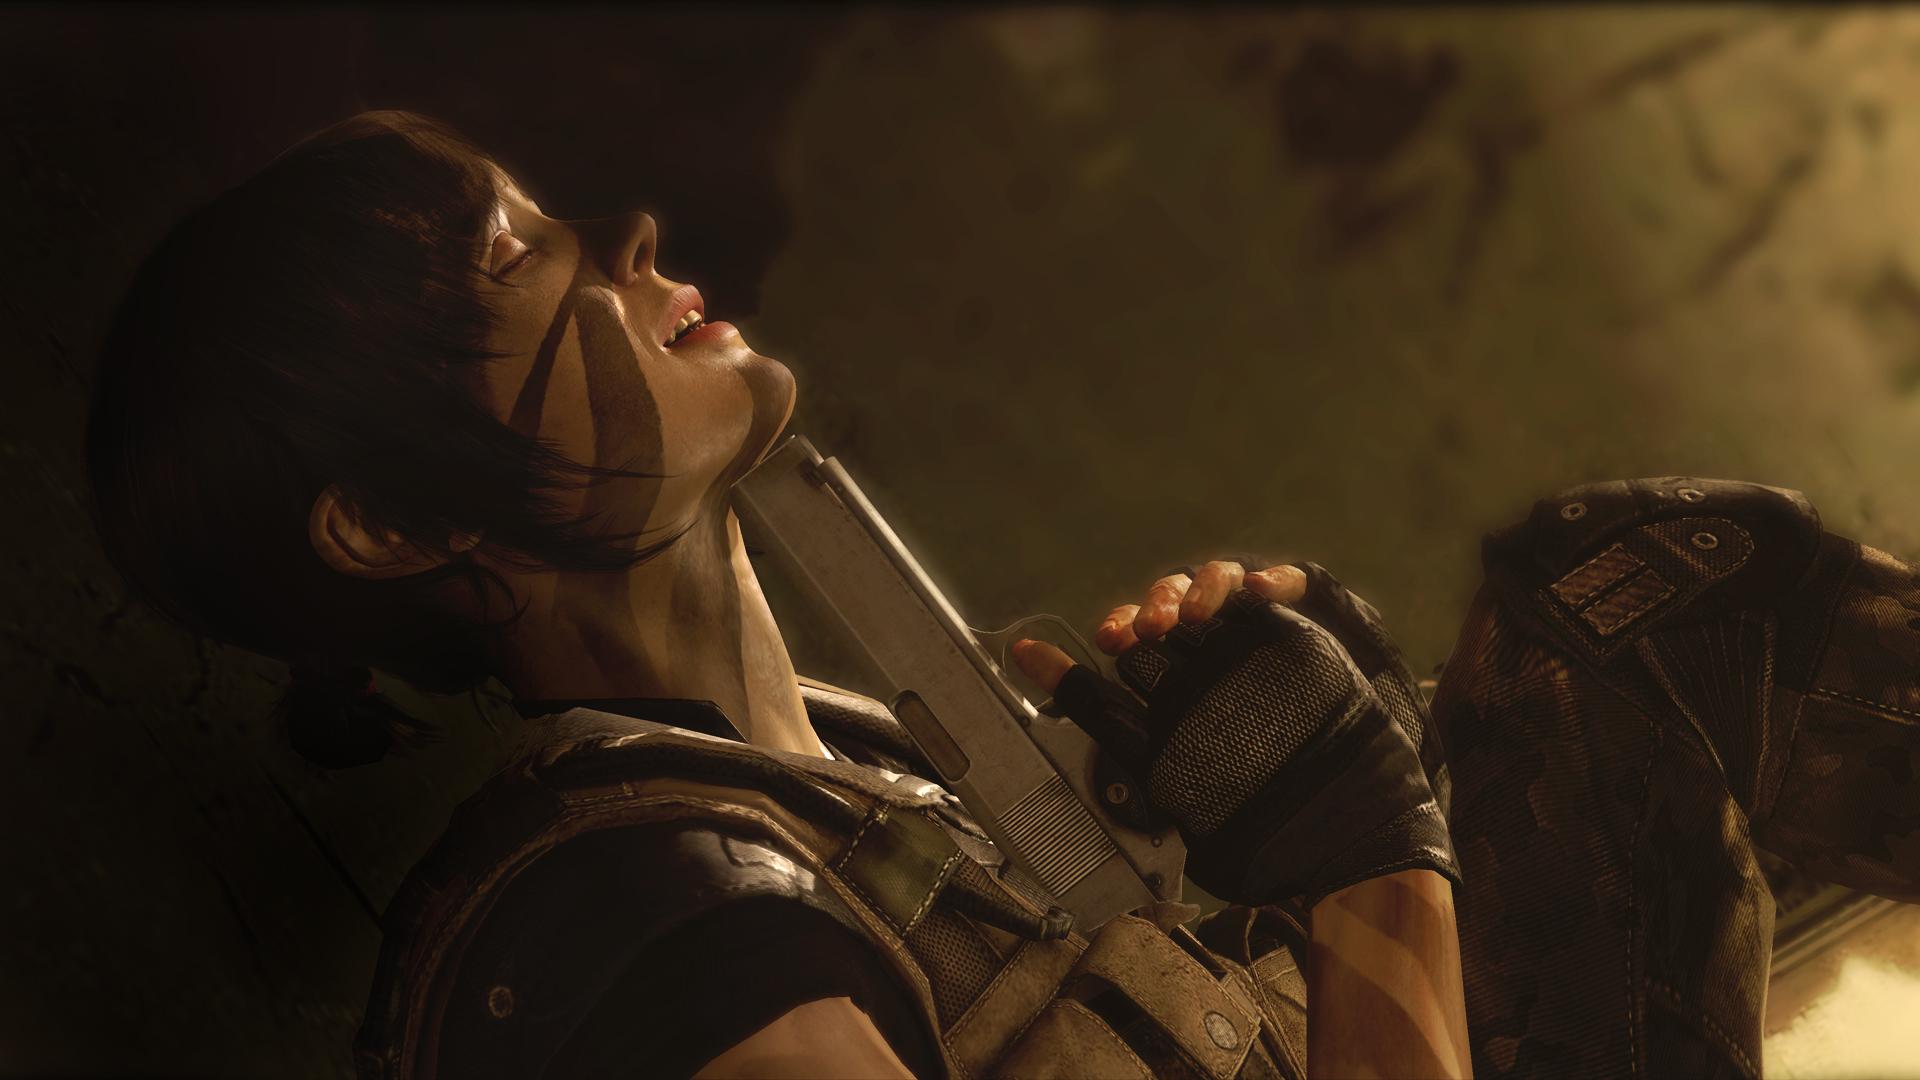 Příběhovky od Quantic Dream vyjdou na PC, konec PS4 exkluzivity